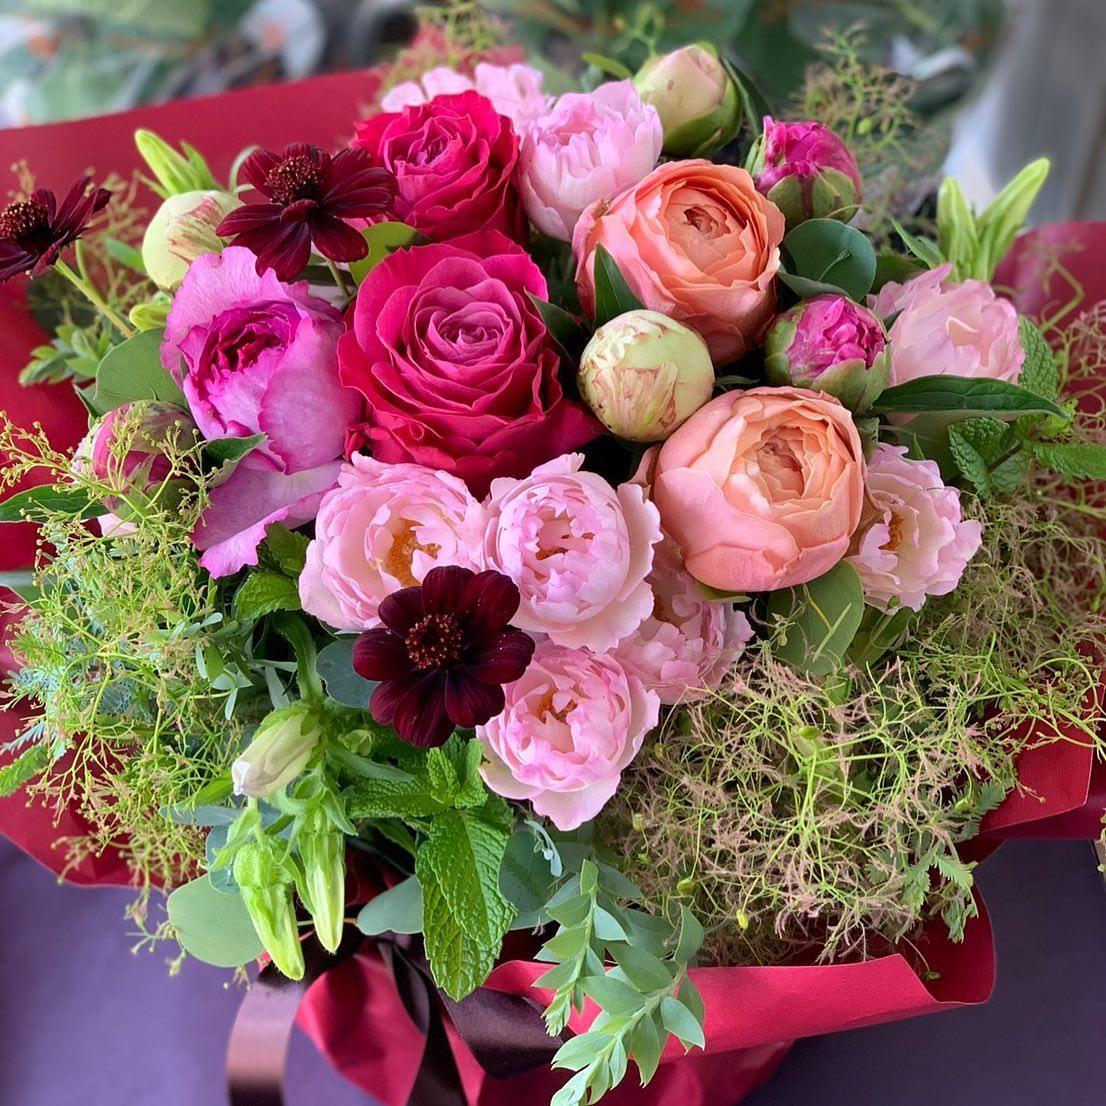 お誕生日祝いのアレンジメントスモークツリーとユーティローズさんのバラ色々^ ^#studiohikarika #ユーティローズ#スモークツリー